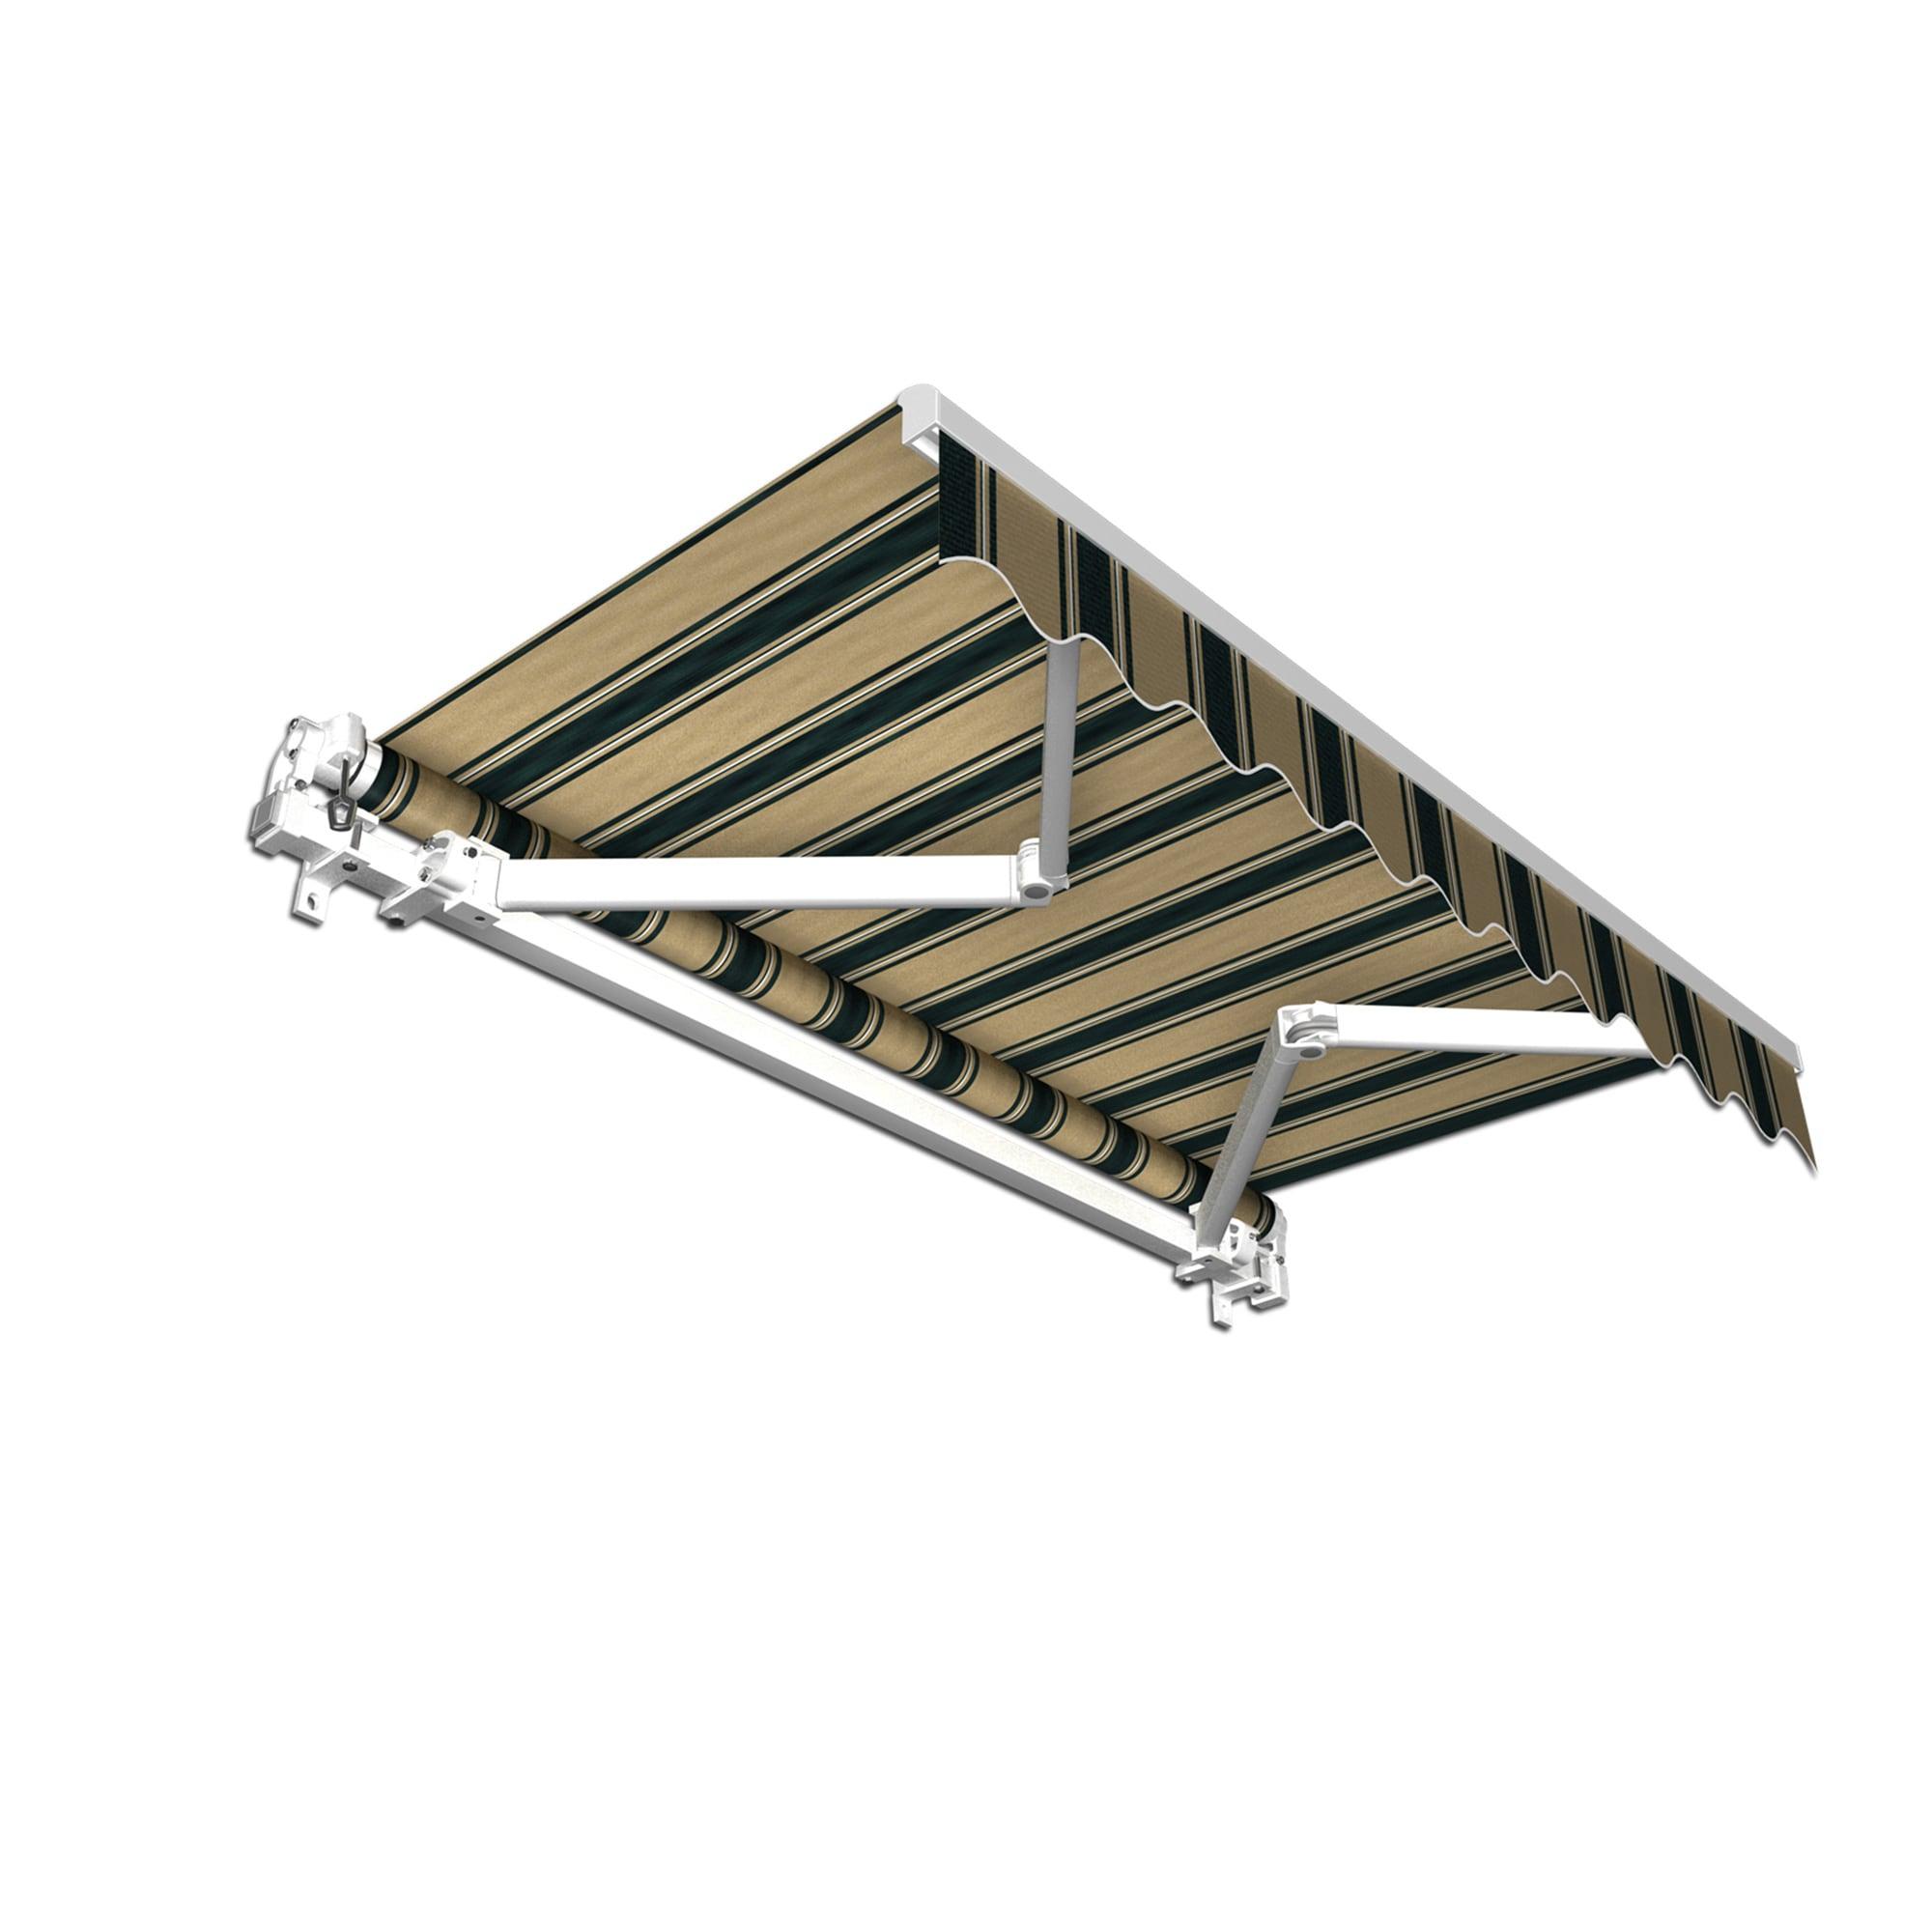 store banne en toile bras articul s pr t poser terrasse 250x150cm jarolift ebay. Black Bedroom Furniture Sets. Home Design Ideas